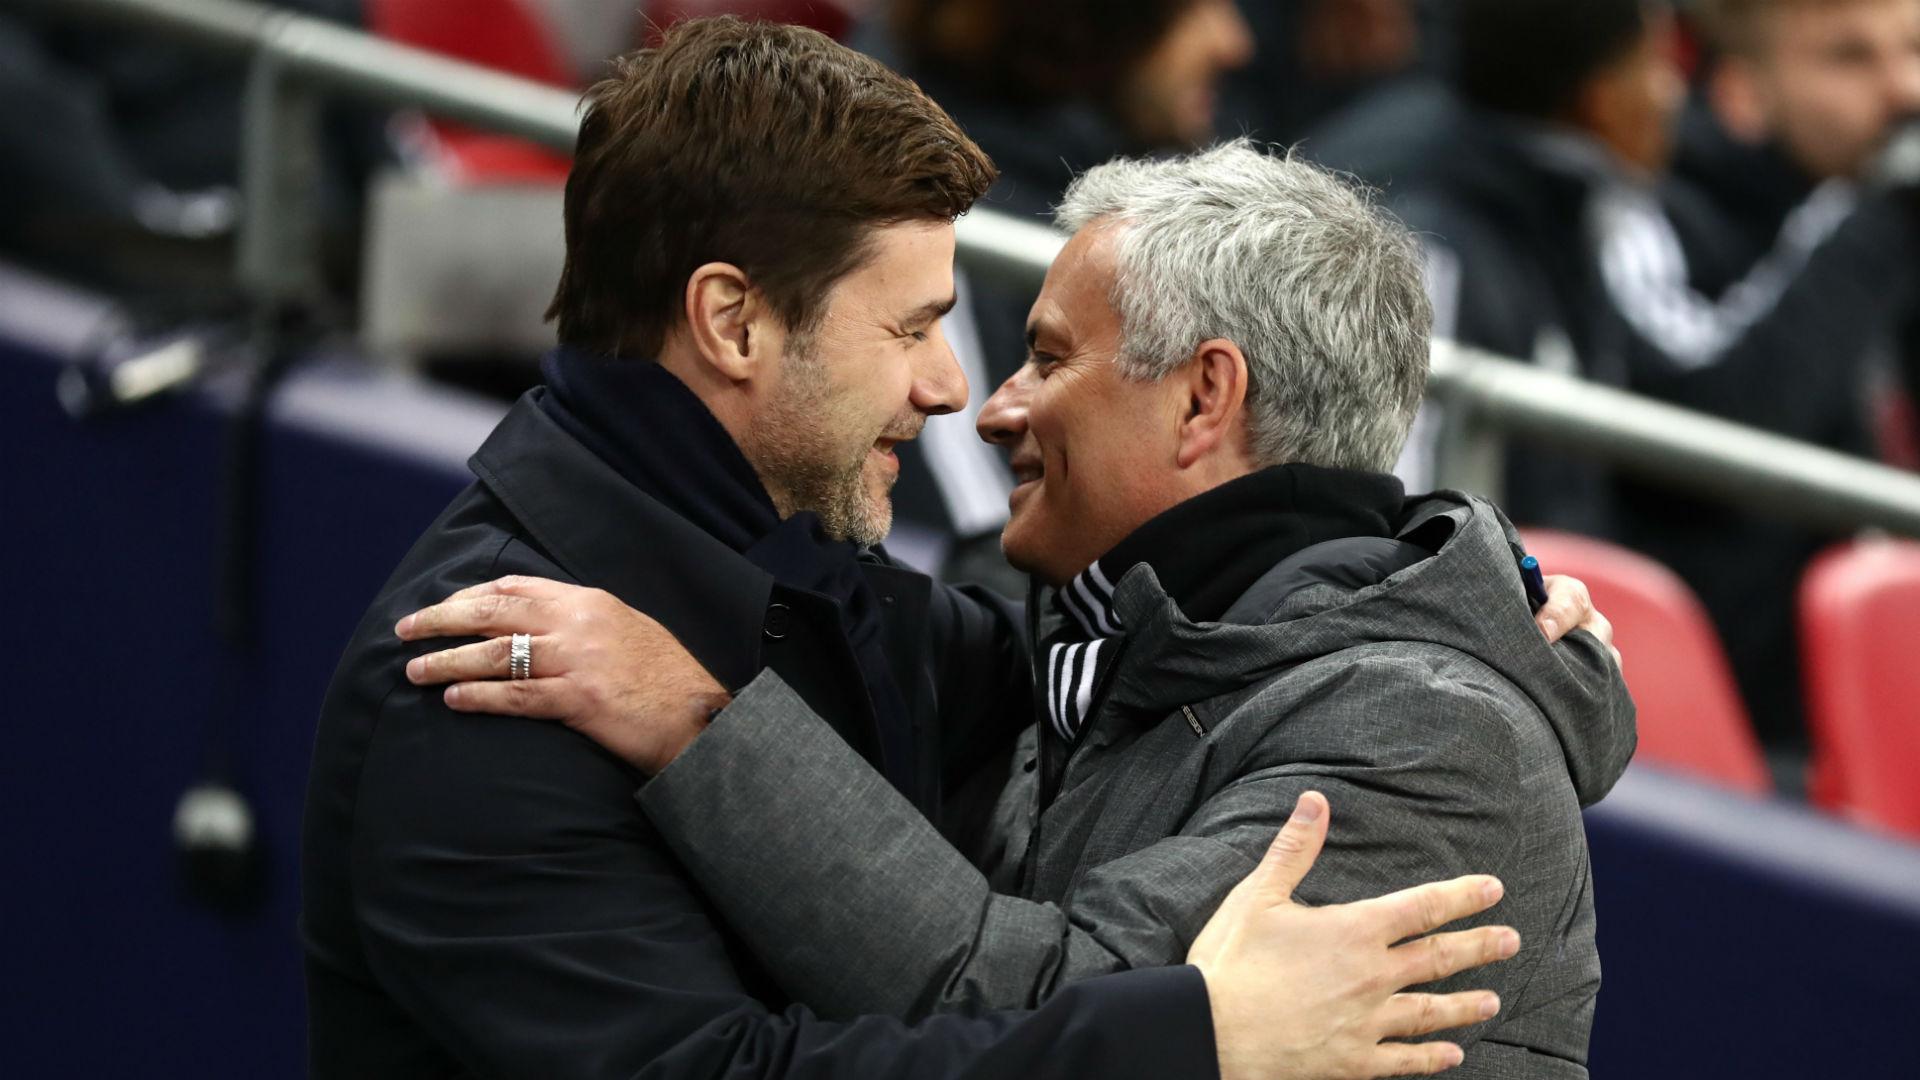 Tottenham must start Toby Alderweireld against Manchester United